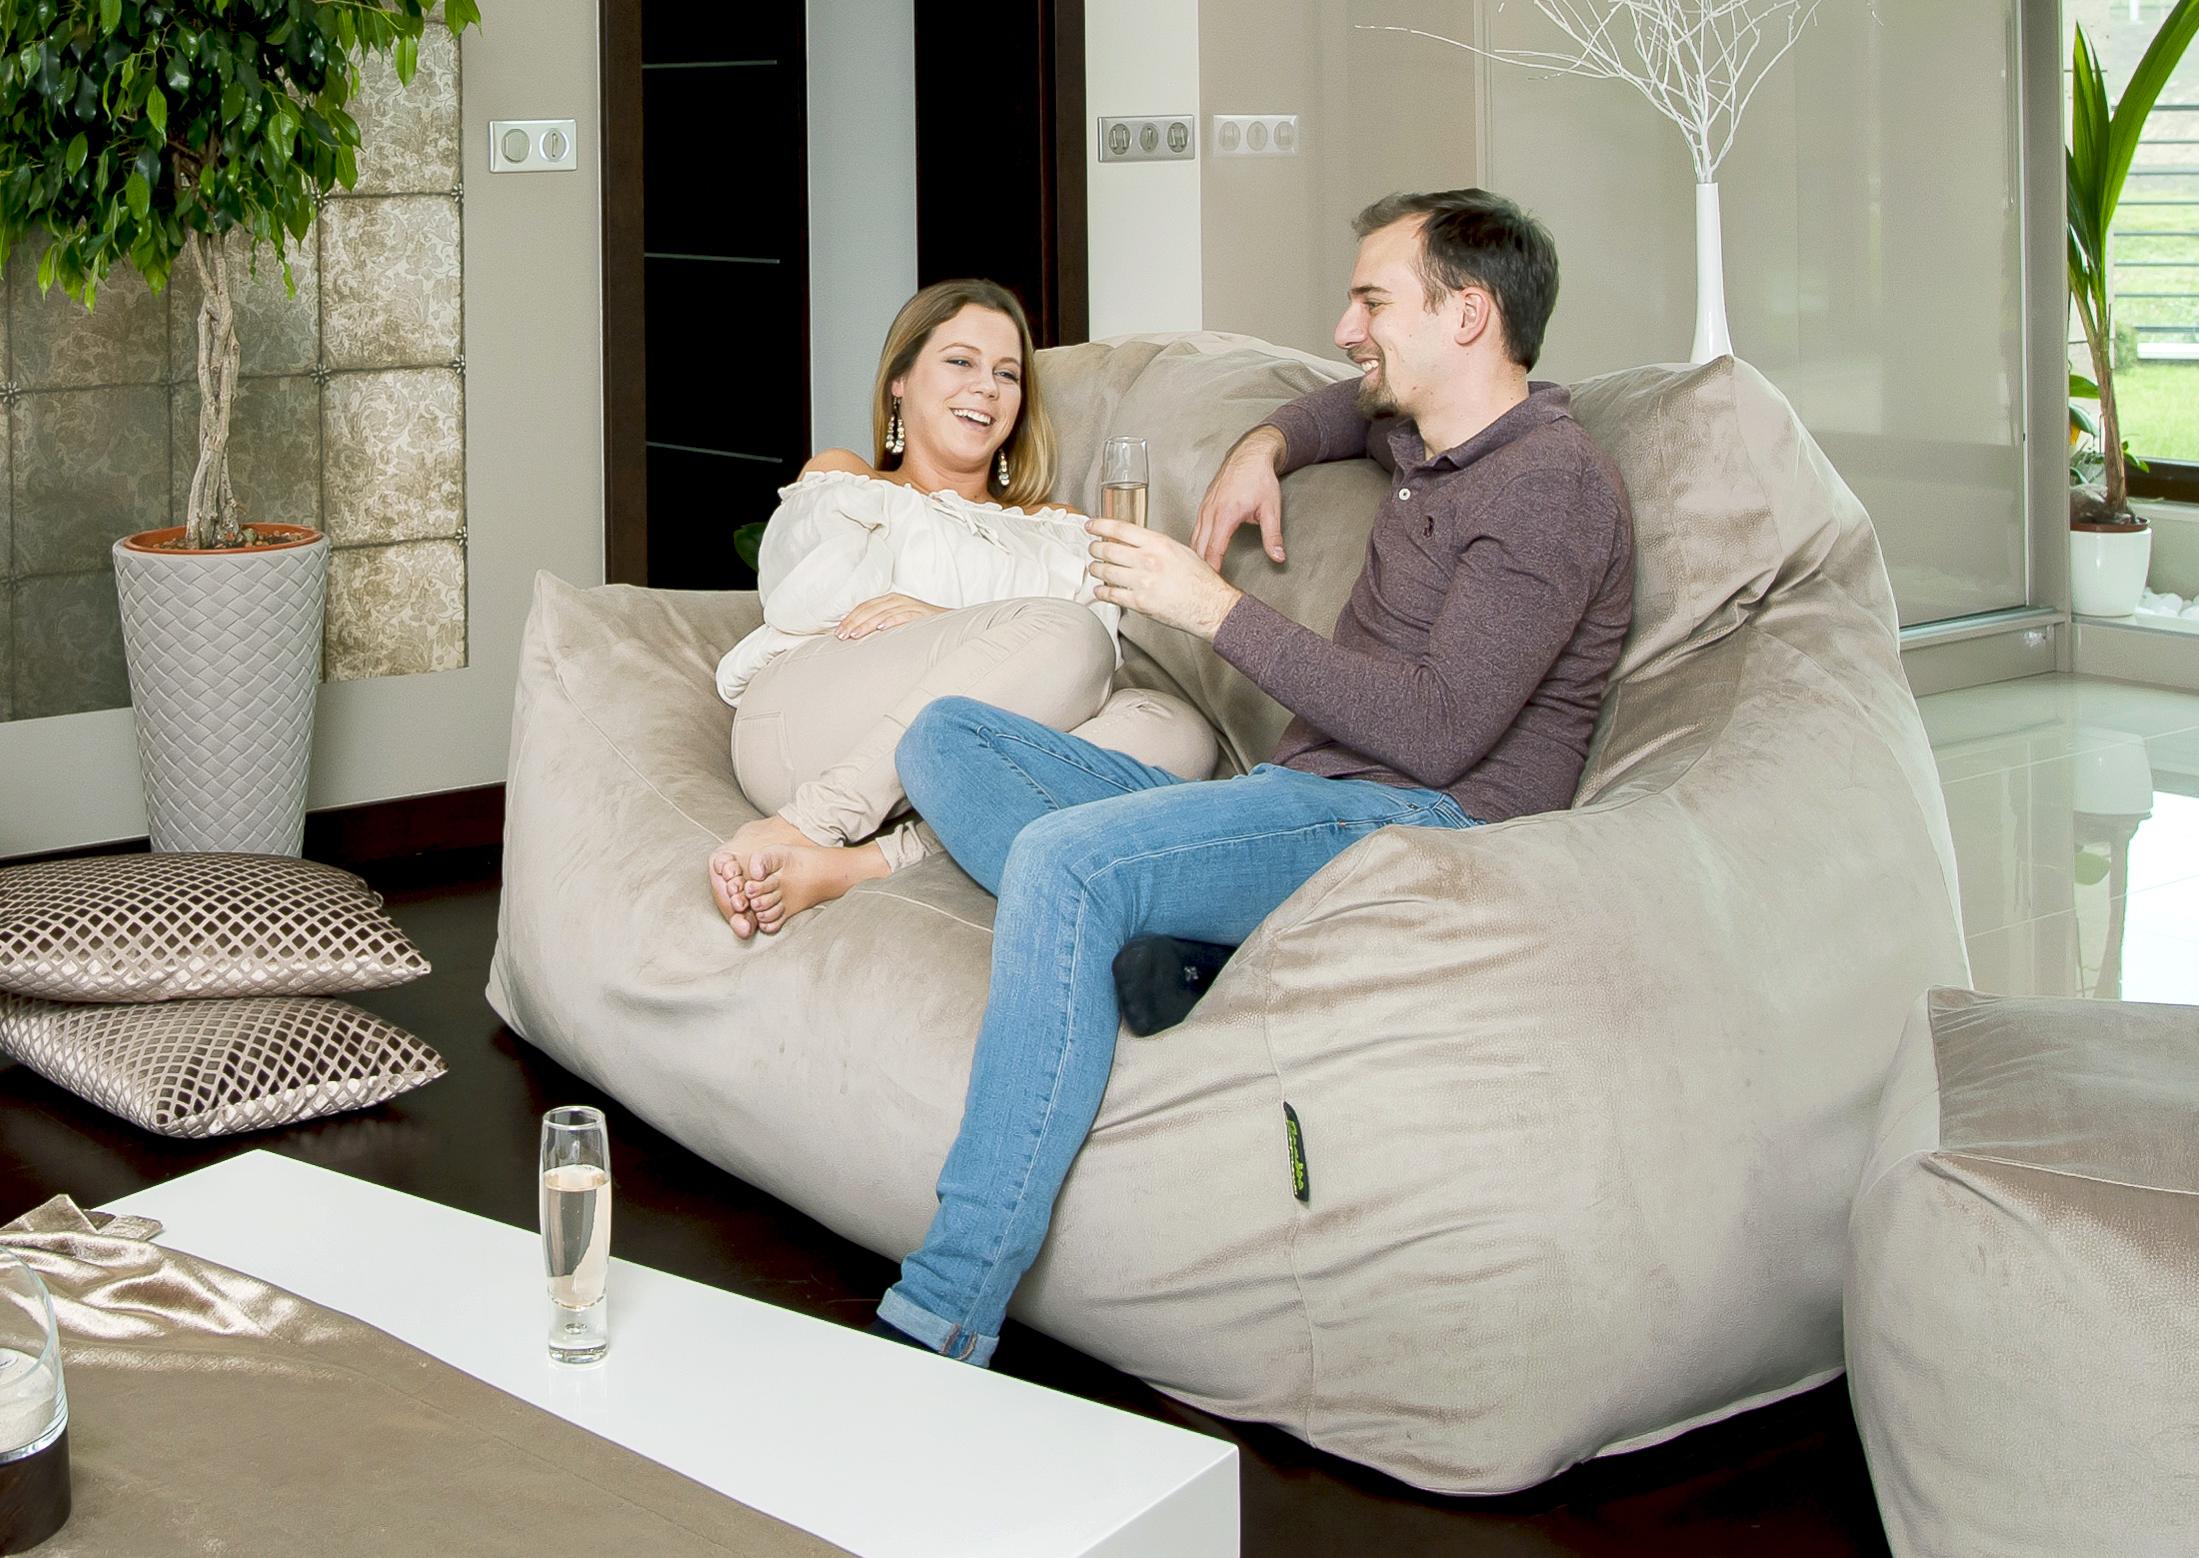 Amőba Relax max duo, 2 személyes babzsák kanapé kiszállást segítő karfákkal